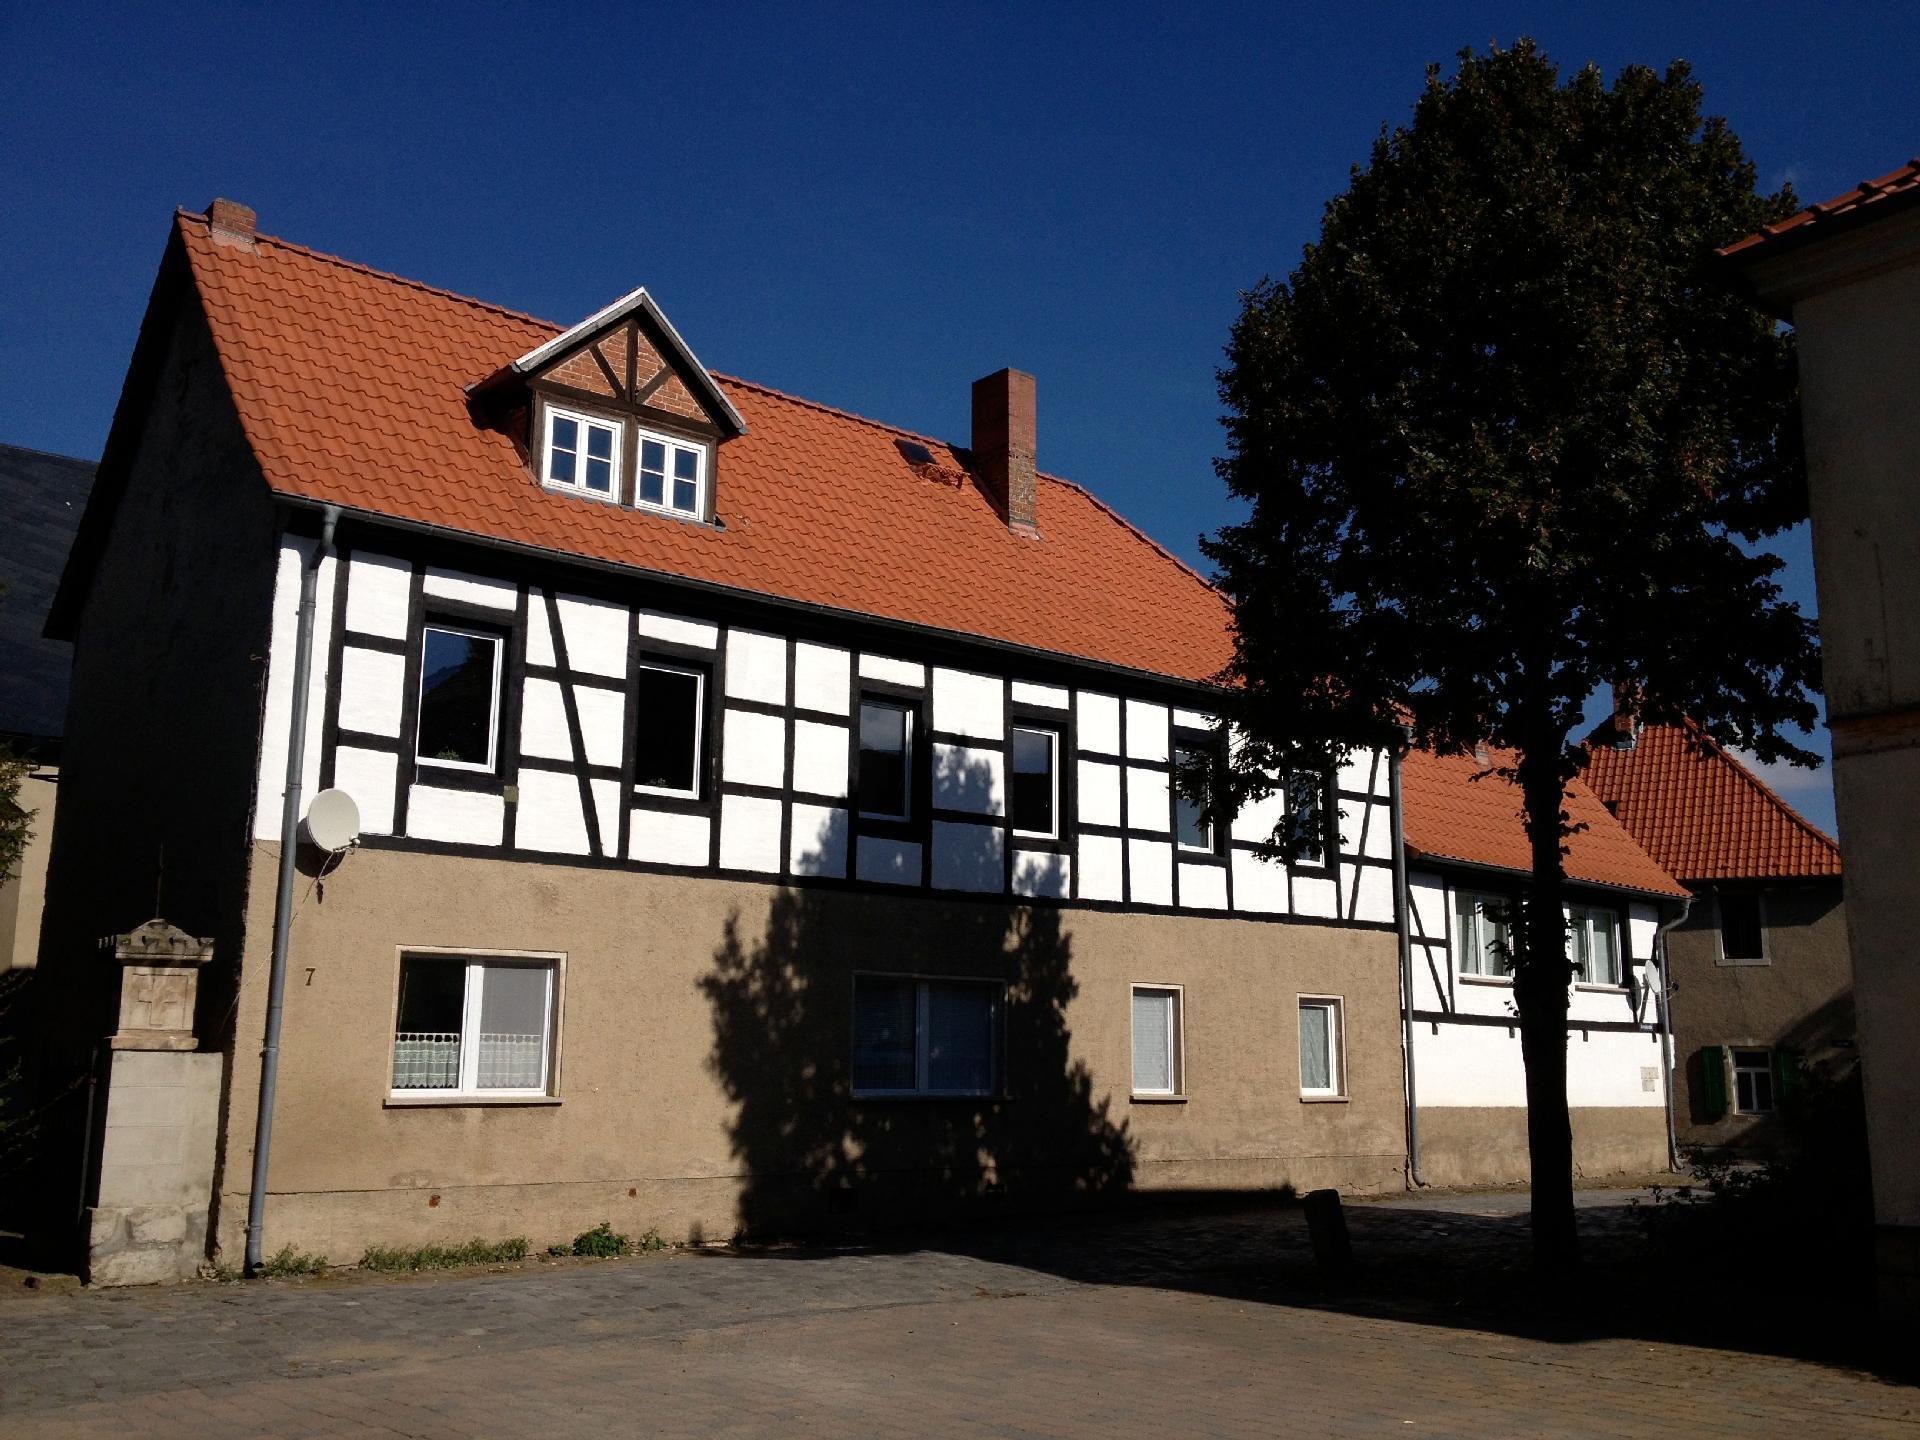 Urlaub zwischen Harz und Seeland - gemütliche